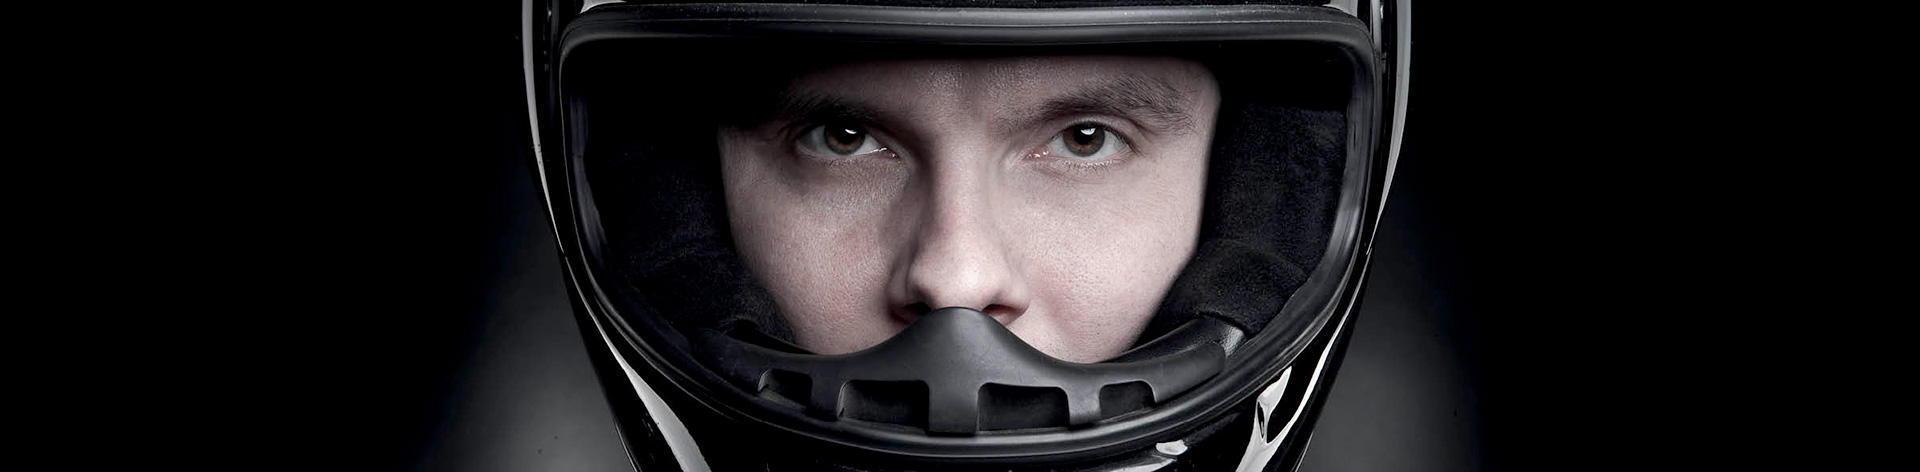 Higienização de capacetes de mota